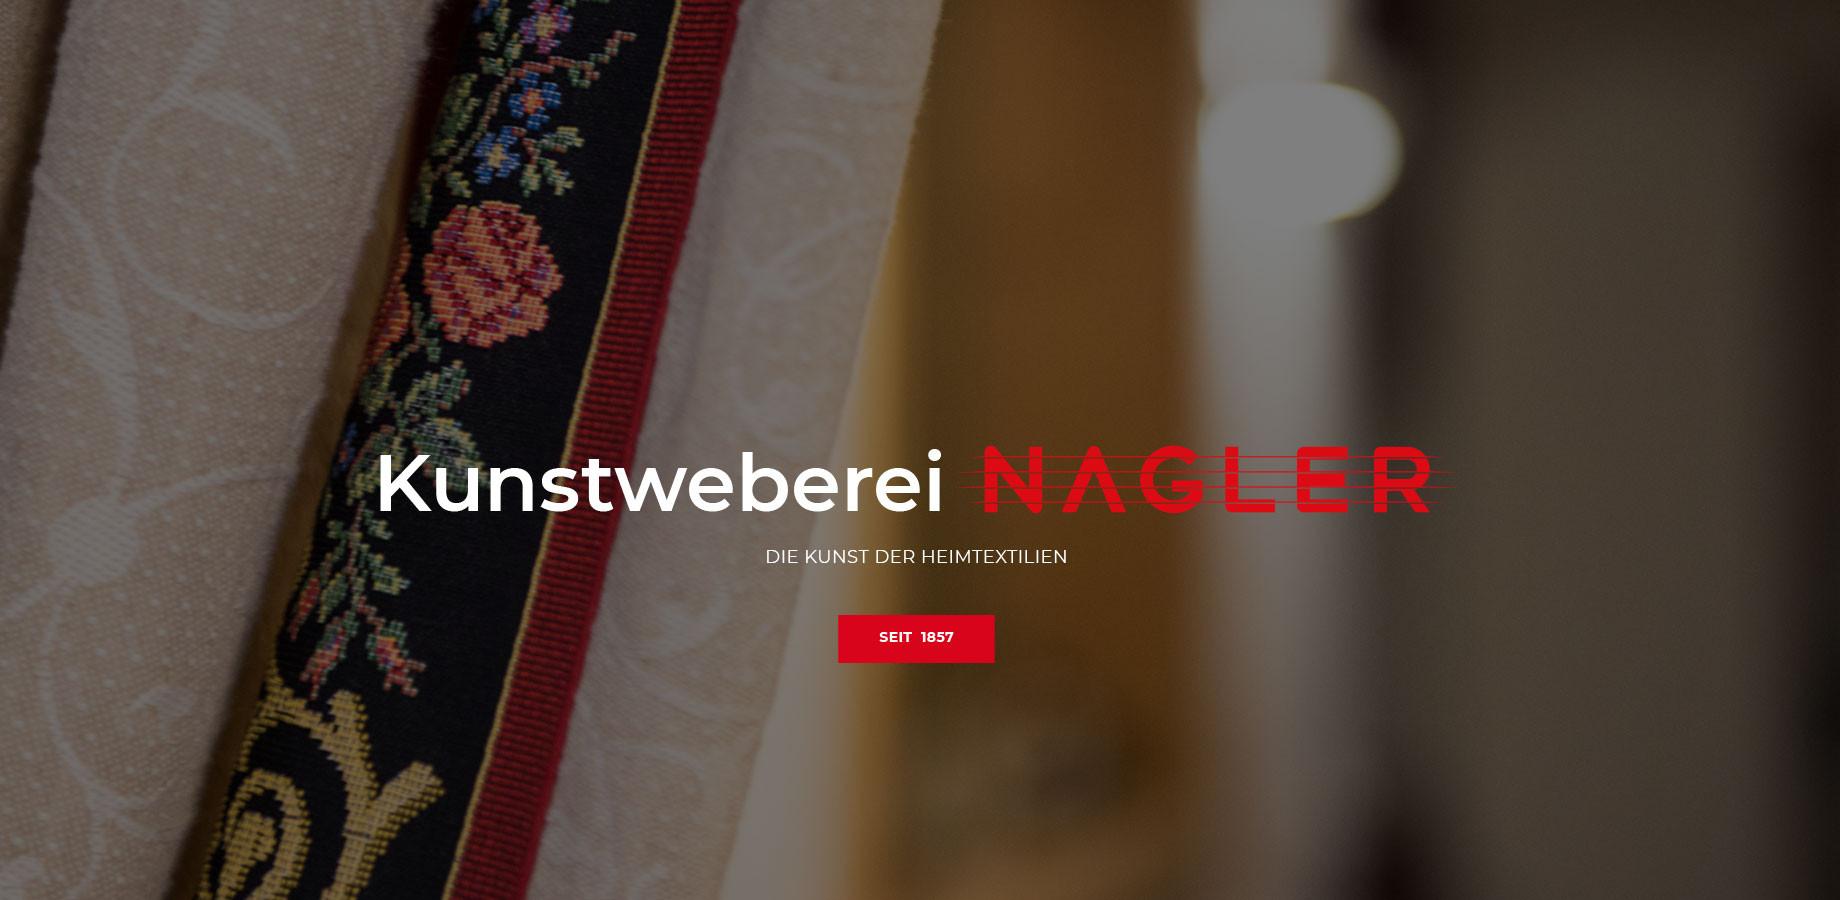 Kunstweberei Nagler - die Kunst der Heimtextilien